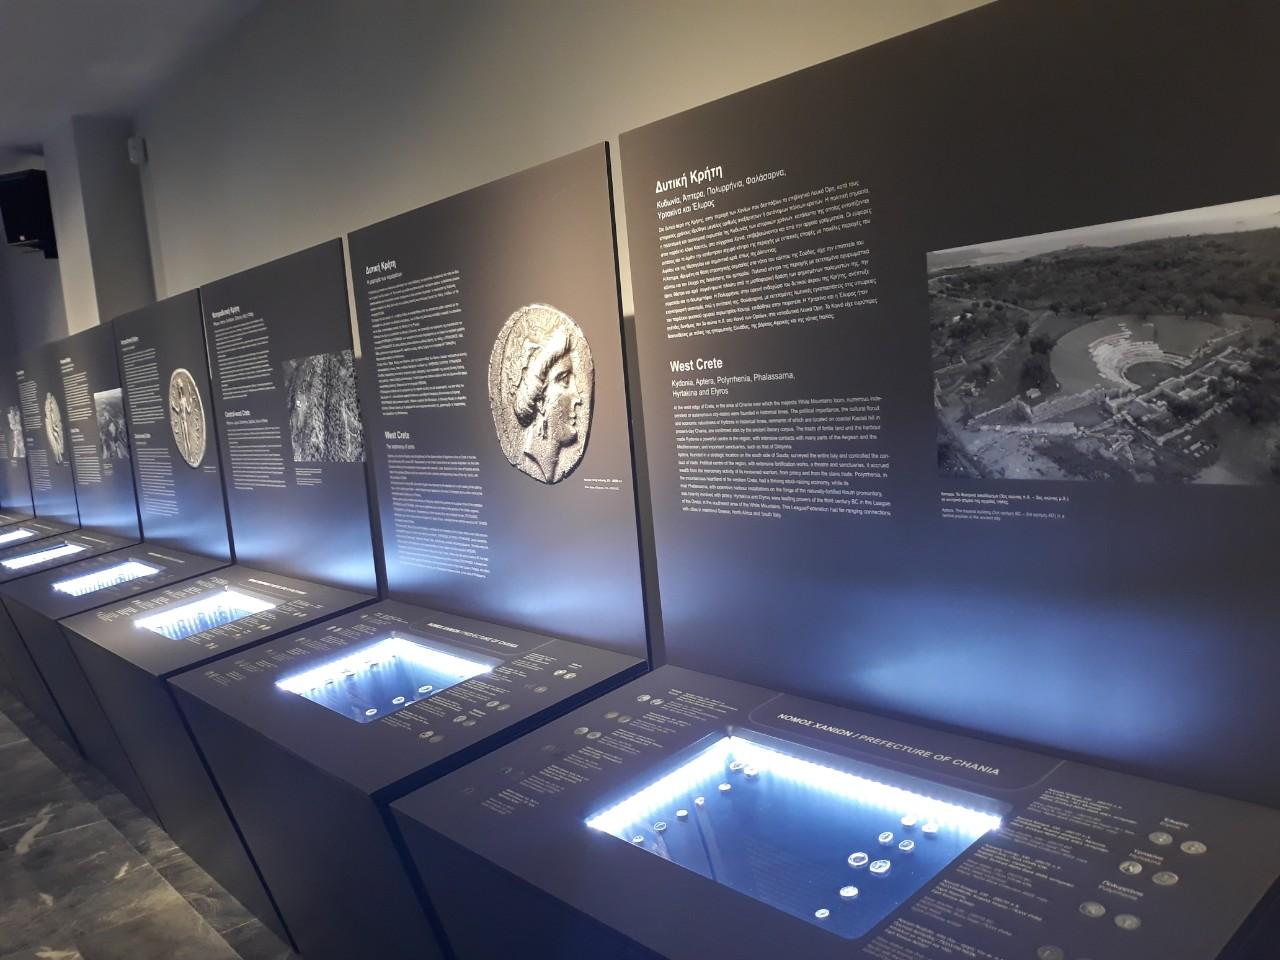 Άποψη από την έκθεση στο Μουσείο αρχαίας Ελεύθερνας στην Κρήτη.